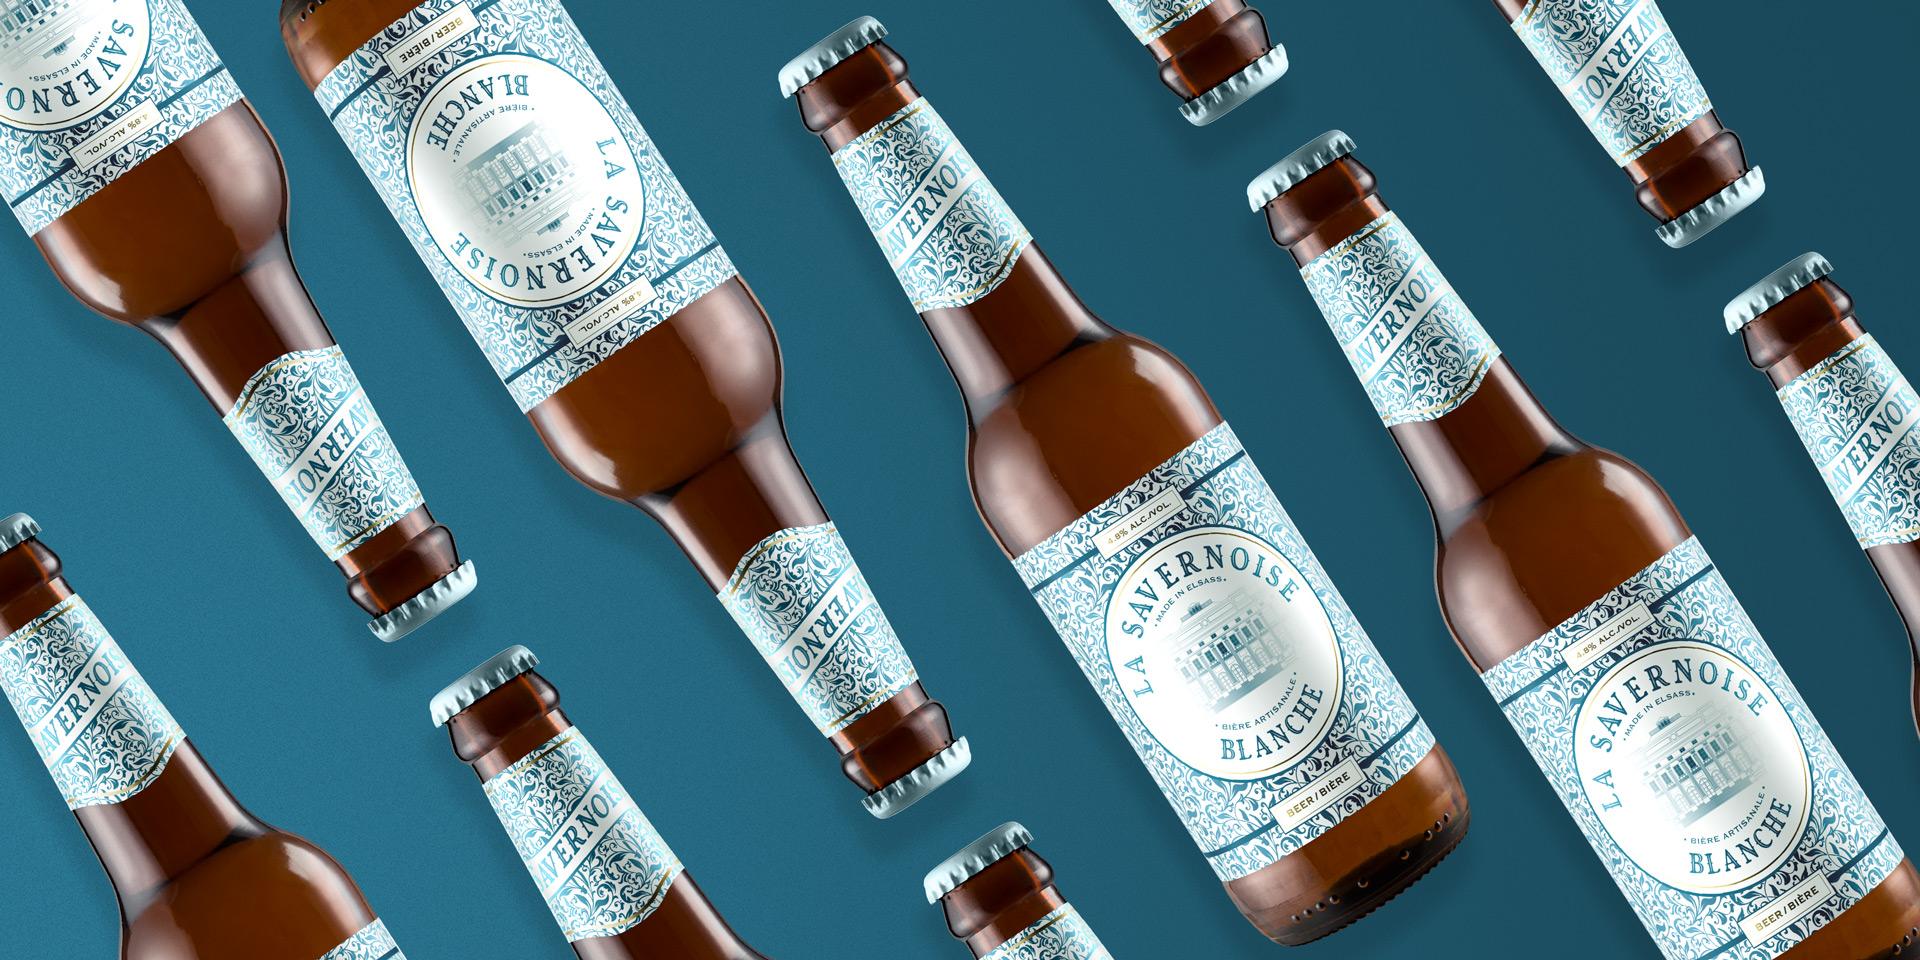 savernoise-biere-artisanale-packaging-graphiste-webdesigner-freelance-strasbourg-studio-polette-04